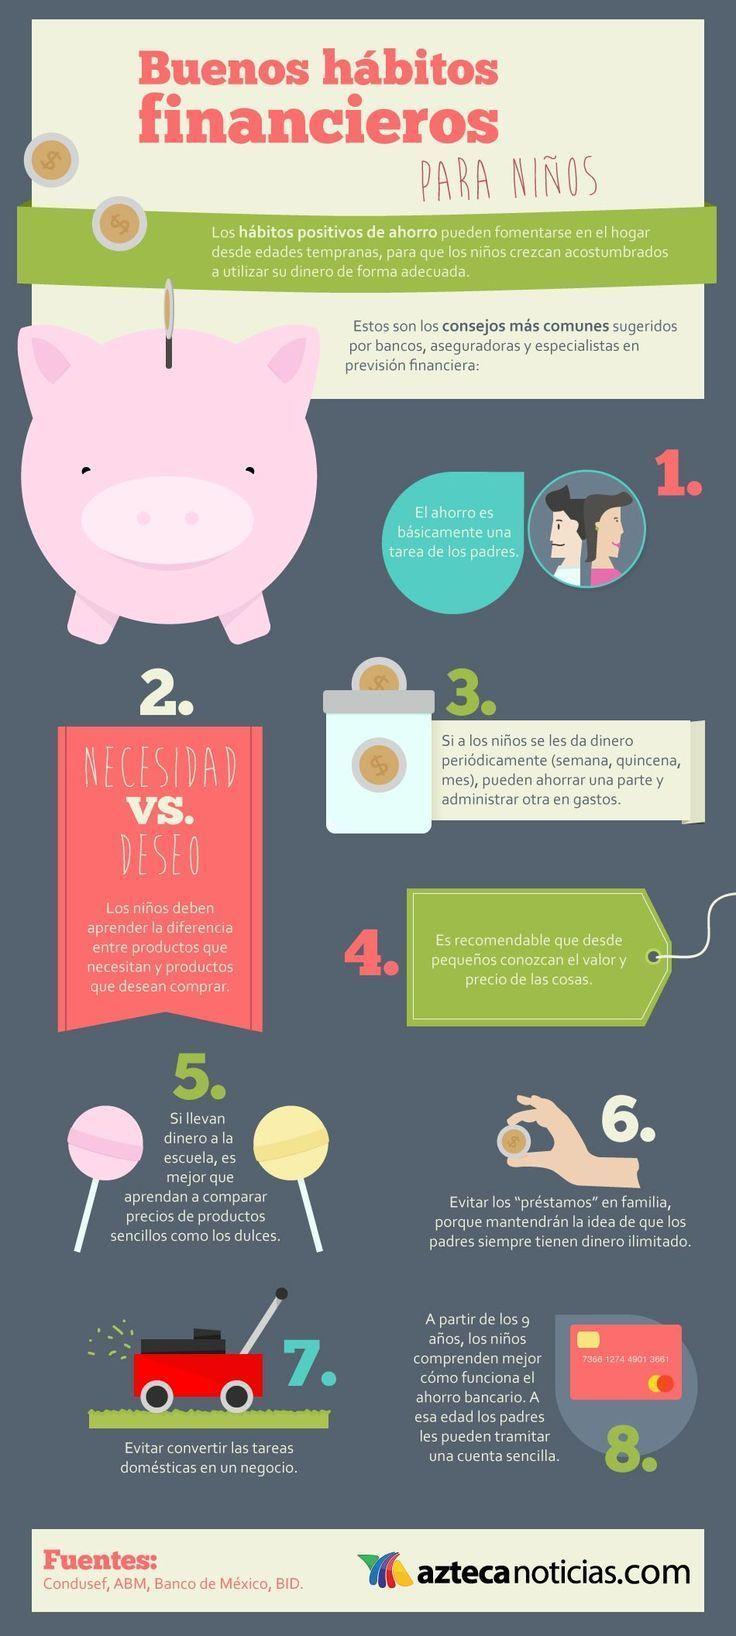 Empieza a crear buenos hábitos financieros desde YA.